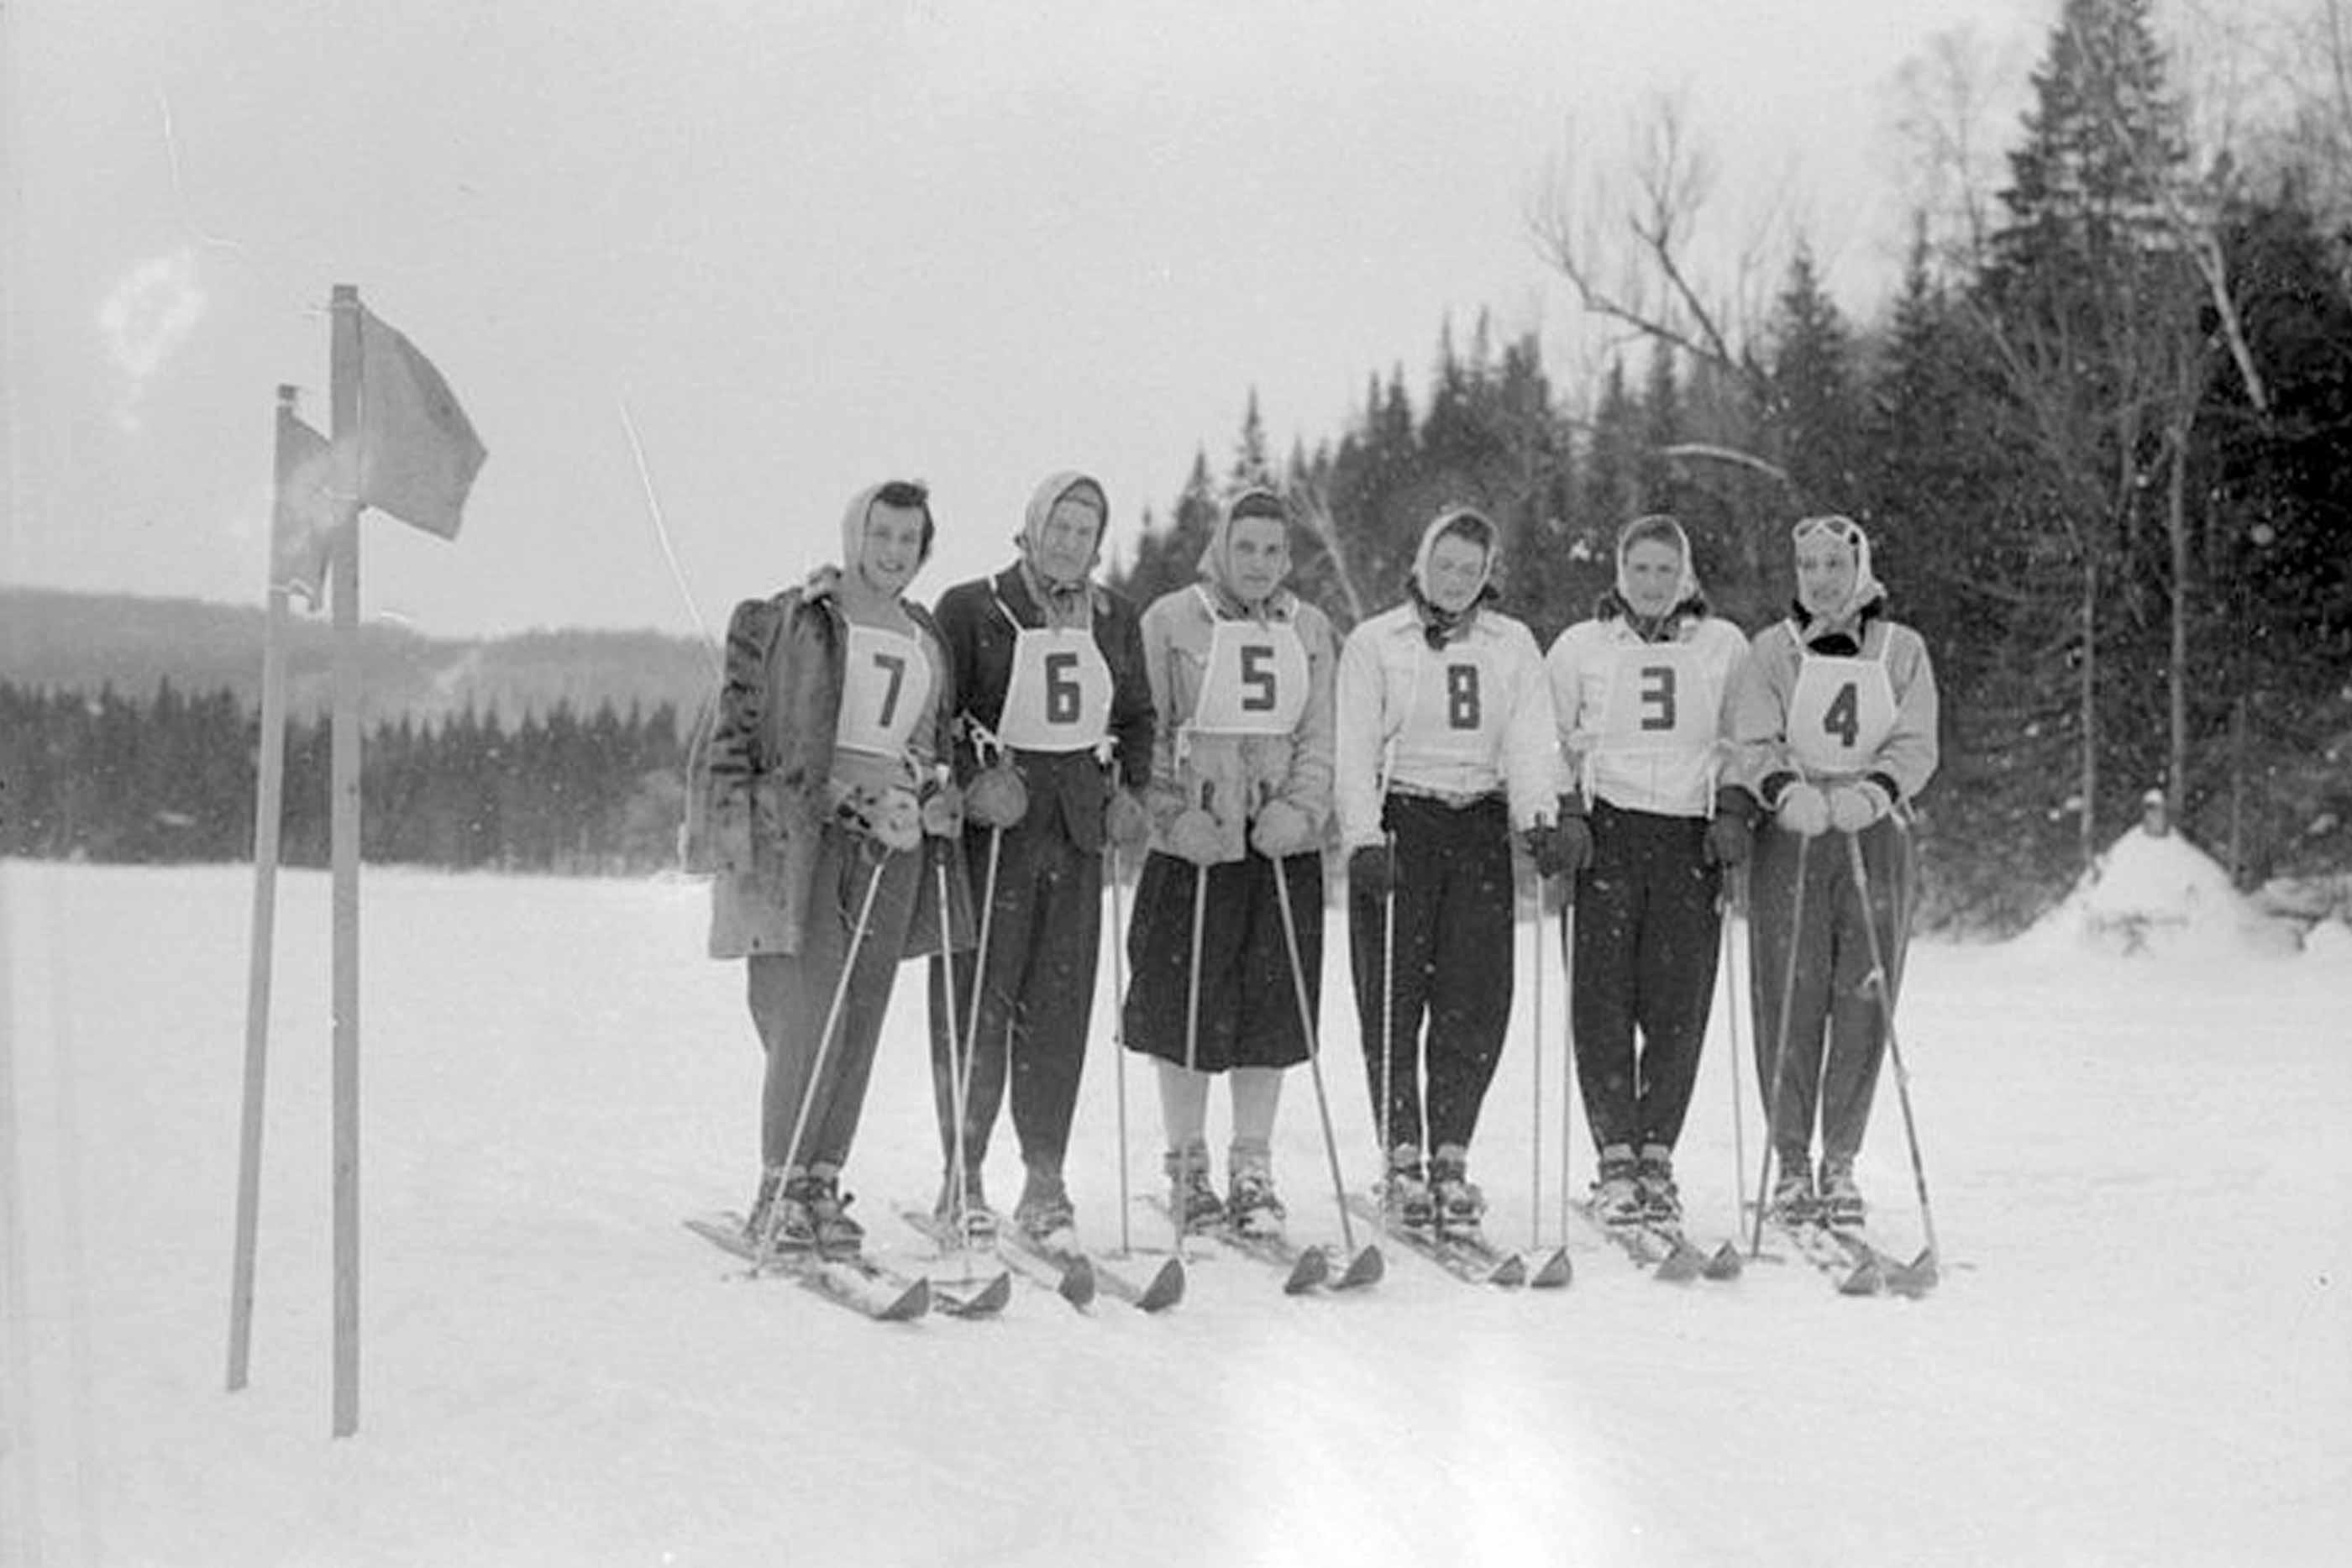 Foto a preto e branco, de esquiadores, antes duma prova, em 1920.